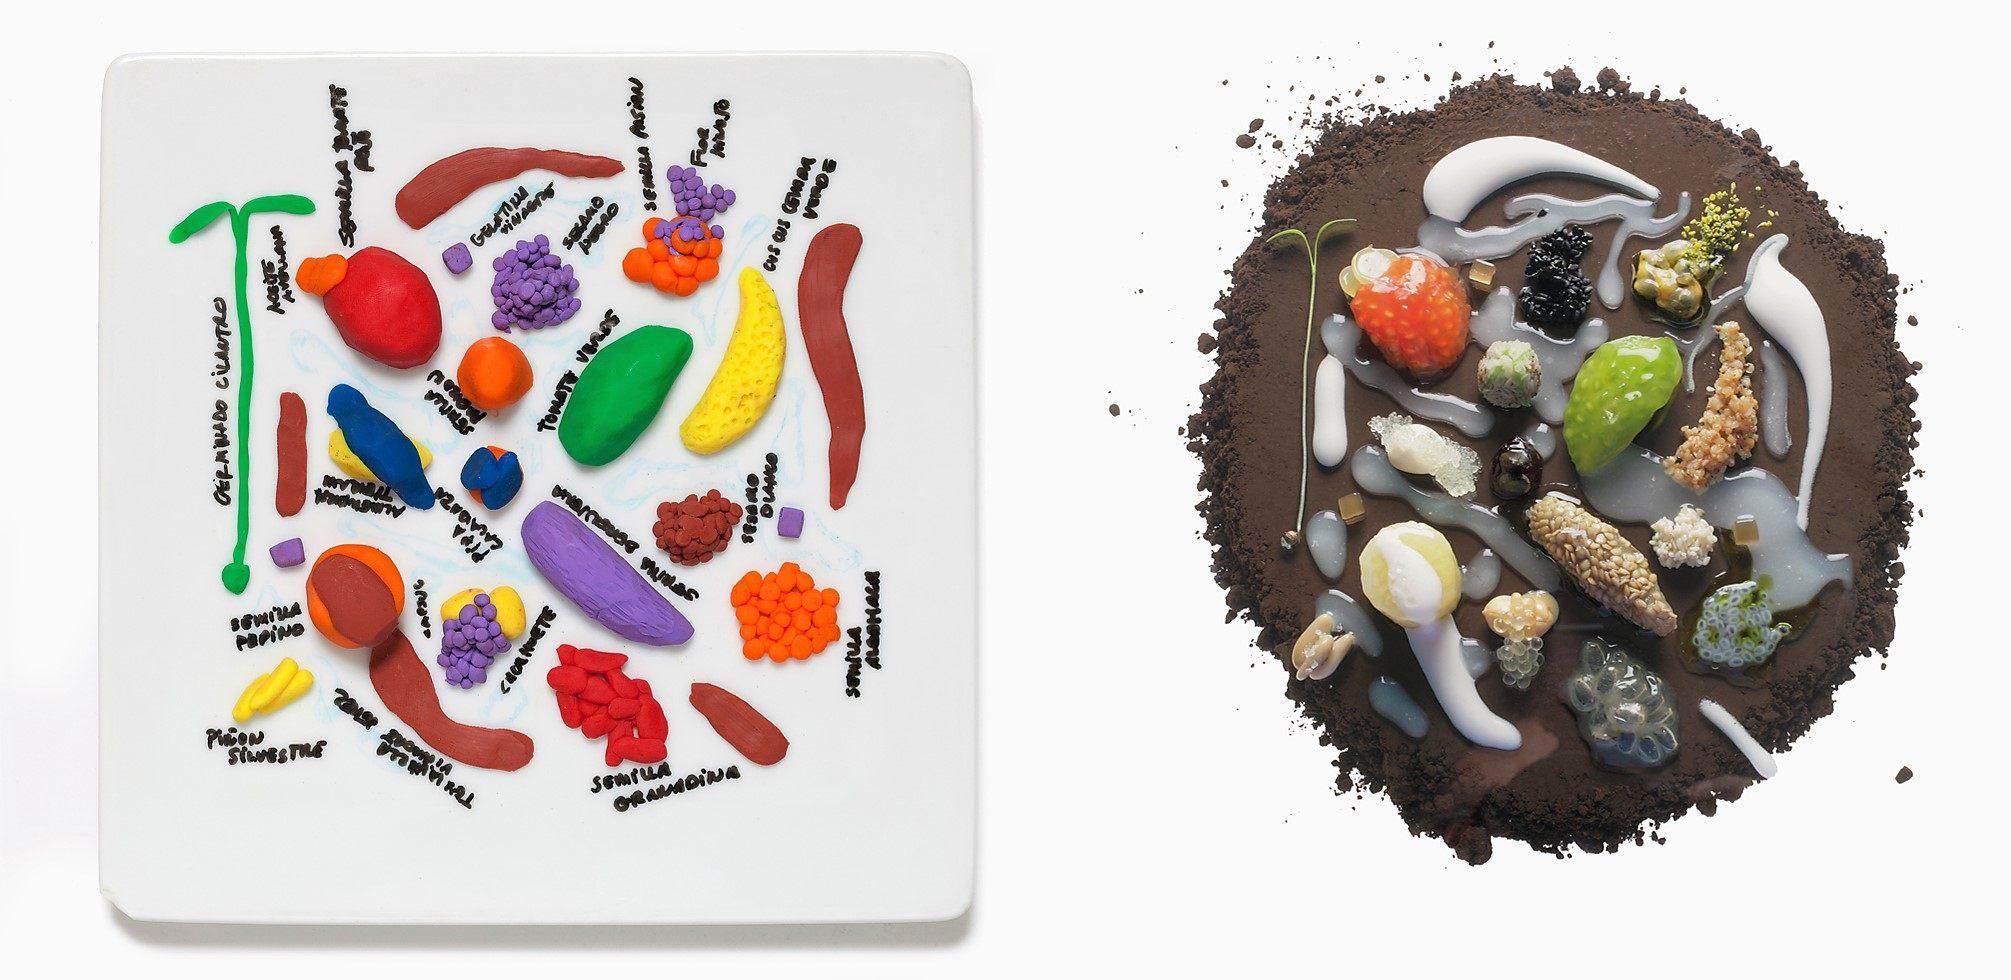 Plasticine models of food by chef Ferran Adrià, owner of El Bulli restaurant .